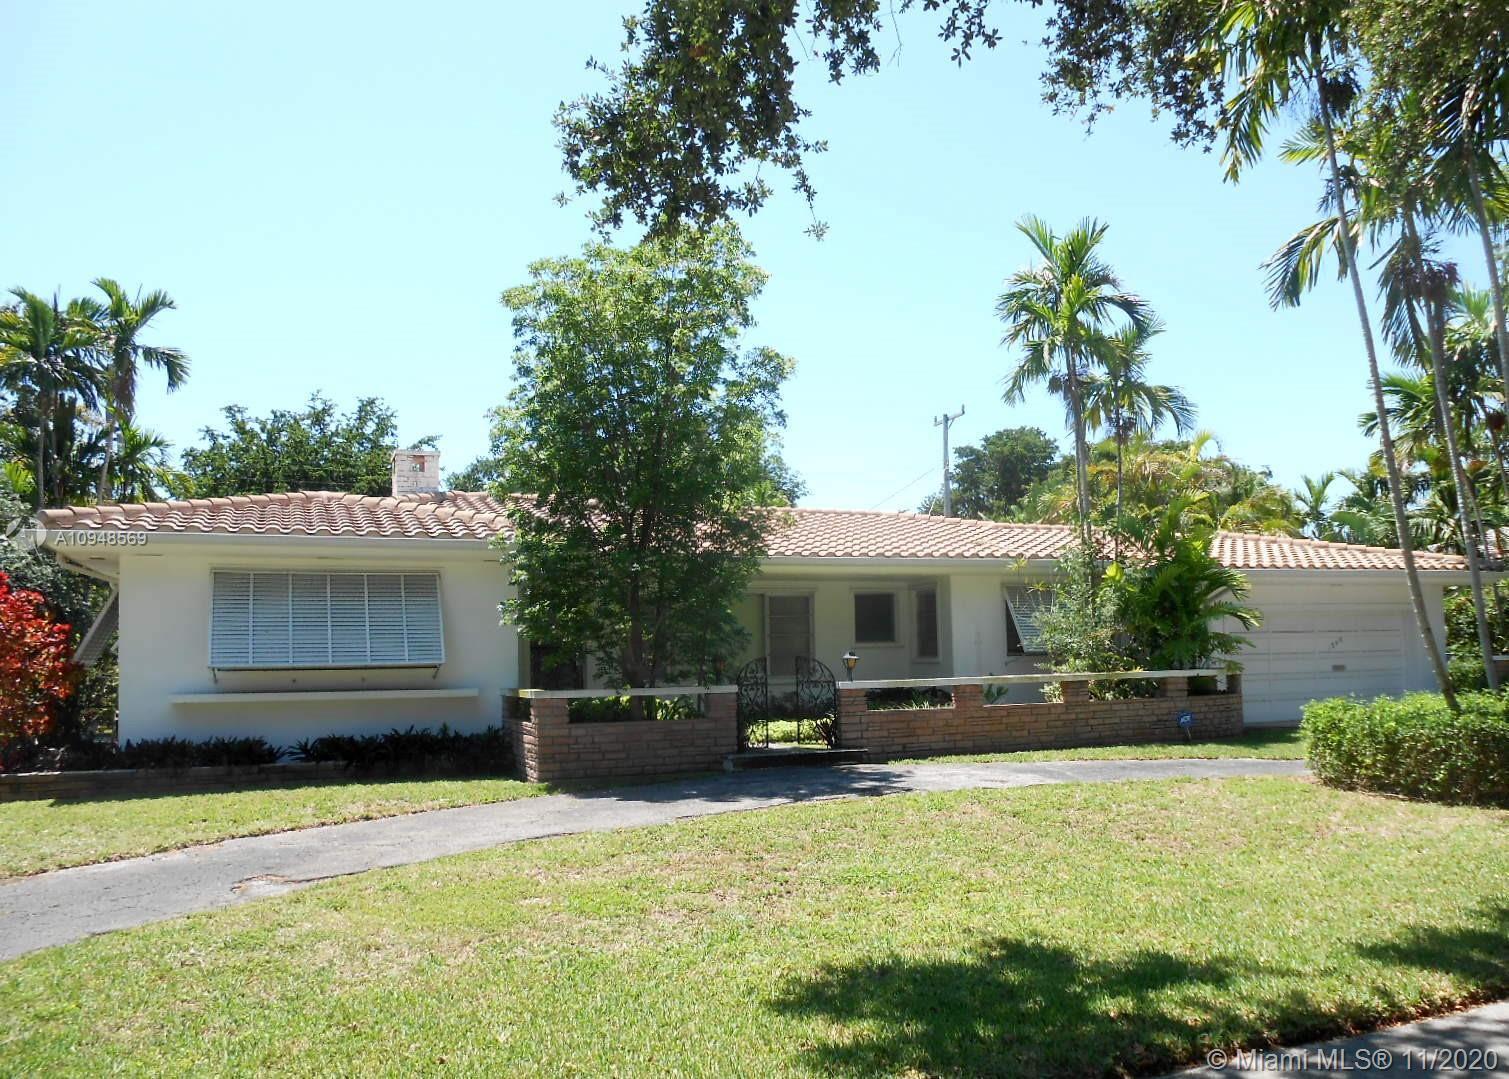 1240 NE 97th St, Miami Shores, FL, 33138